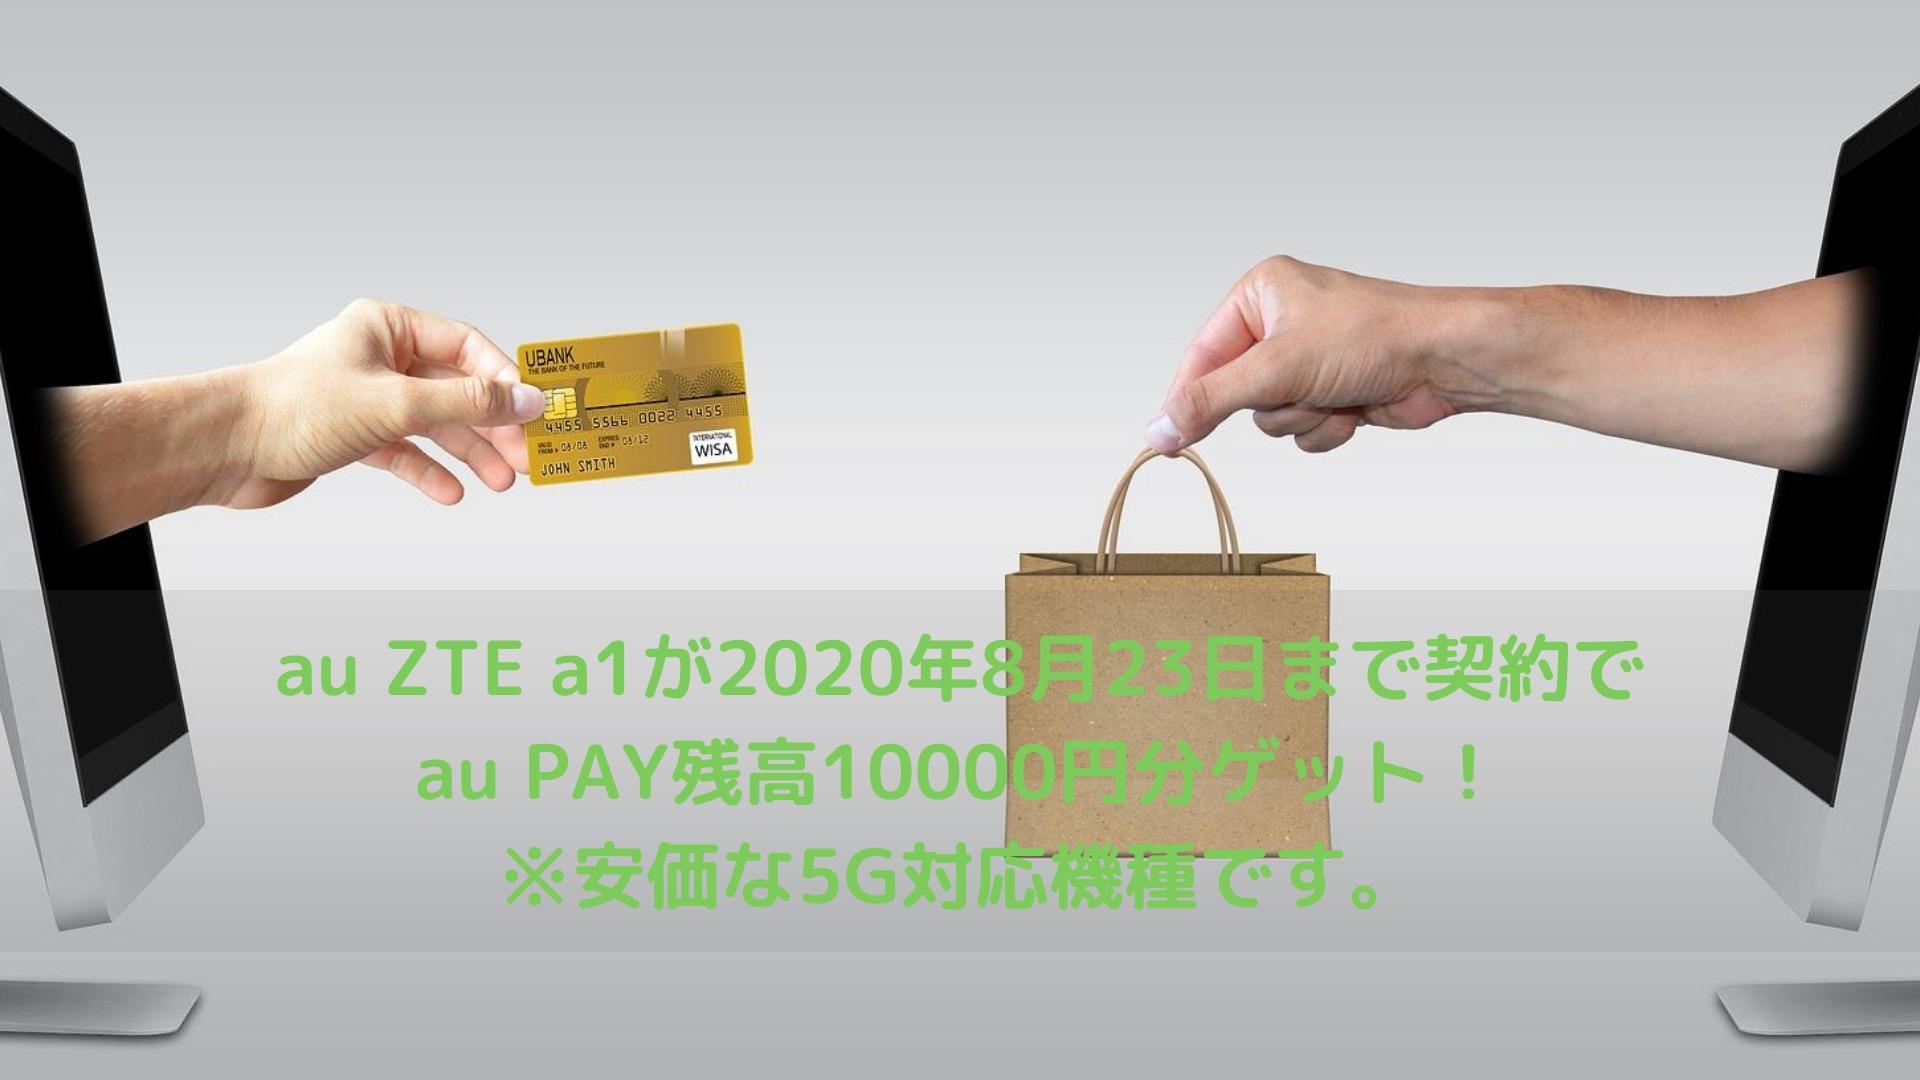 au ZTE a1が2020年8月23日まで契約でau PAY残高10000円分ゲット!※安価な5G対応機種です。